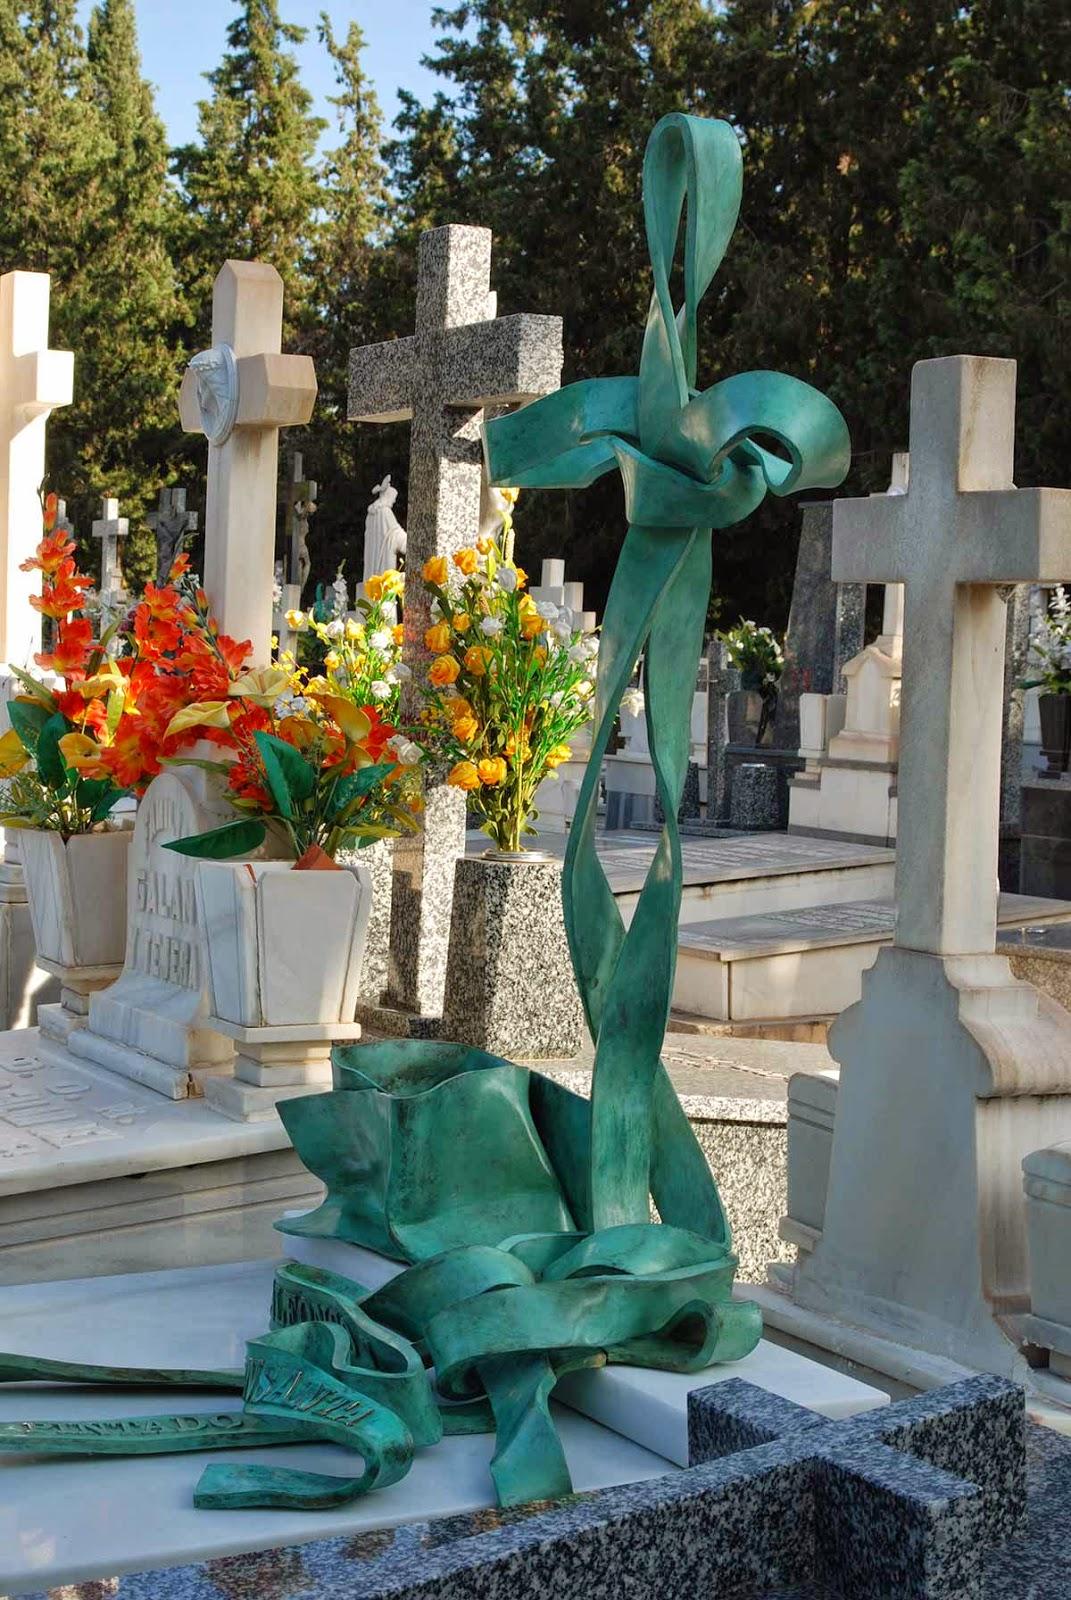 Monumento bronce cementerio Murcia Arturo Serra escultura 10